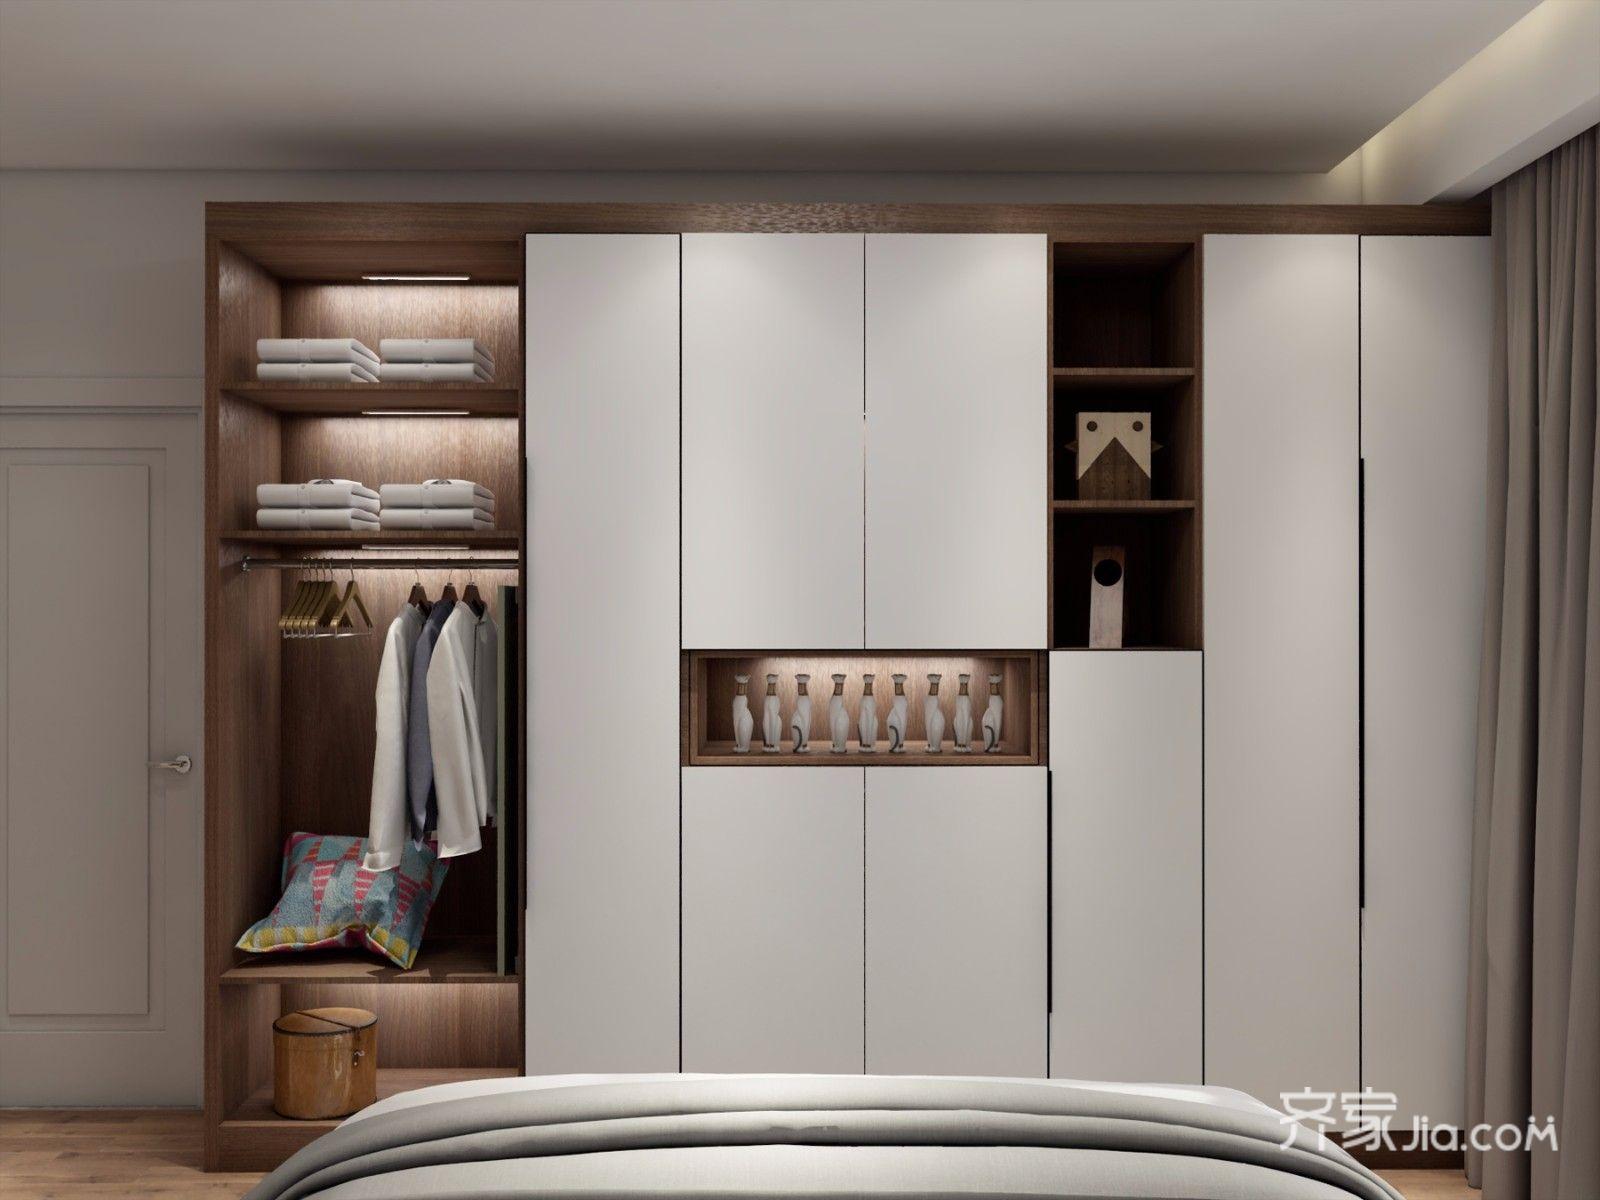 二居室简约风格装修衣柜设计效果图